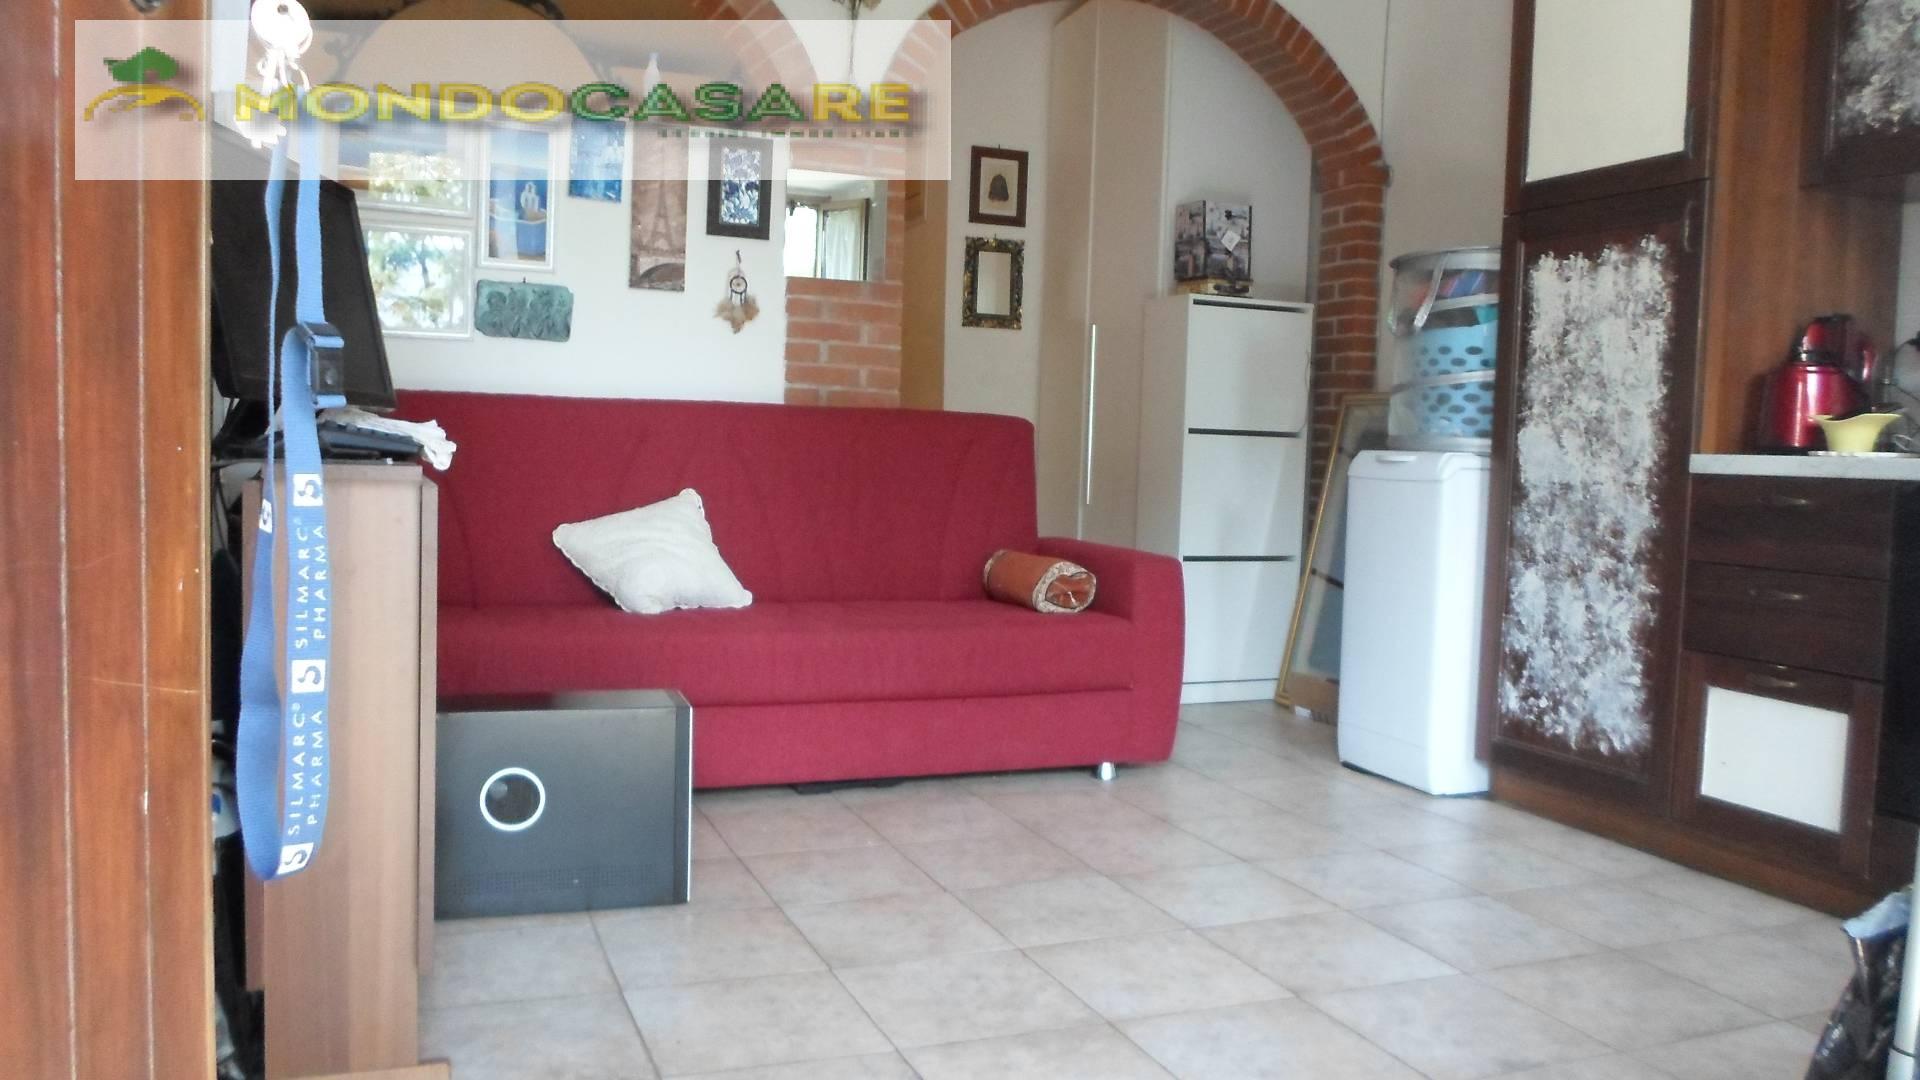 Appartamento in affitto a Palombara Sabina, 2 locali, zona Zona: Cretone, prezzo € 300 | CambioCasa.it